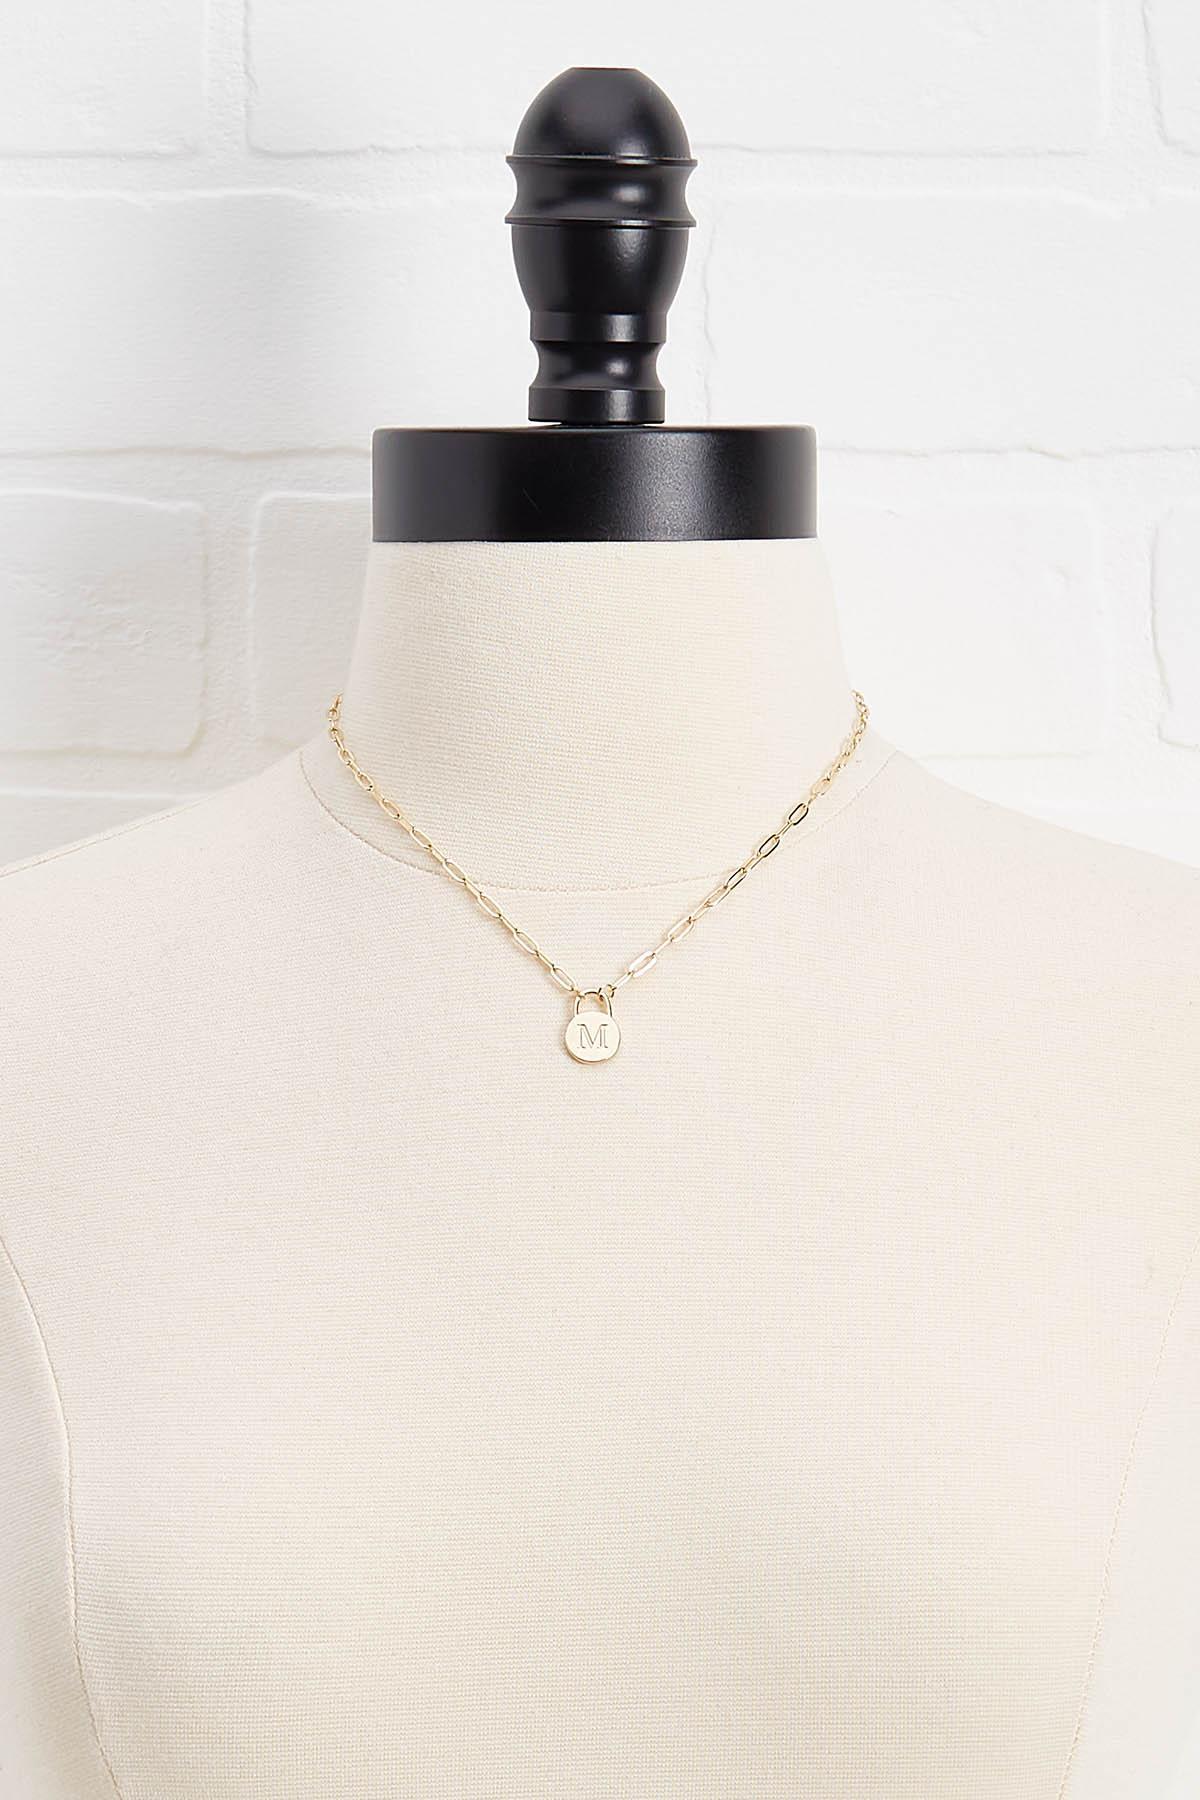 18k M Pendant Necklace